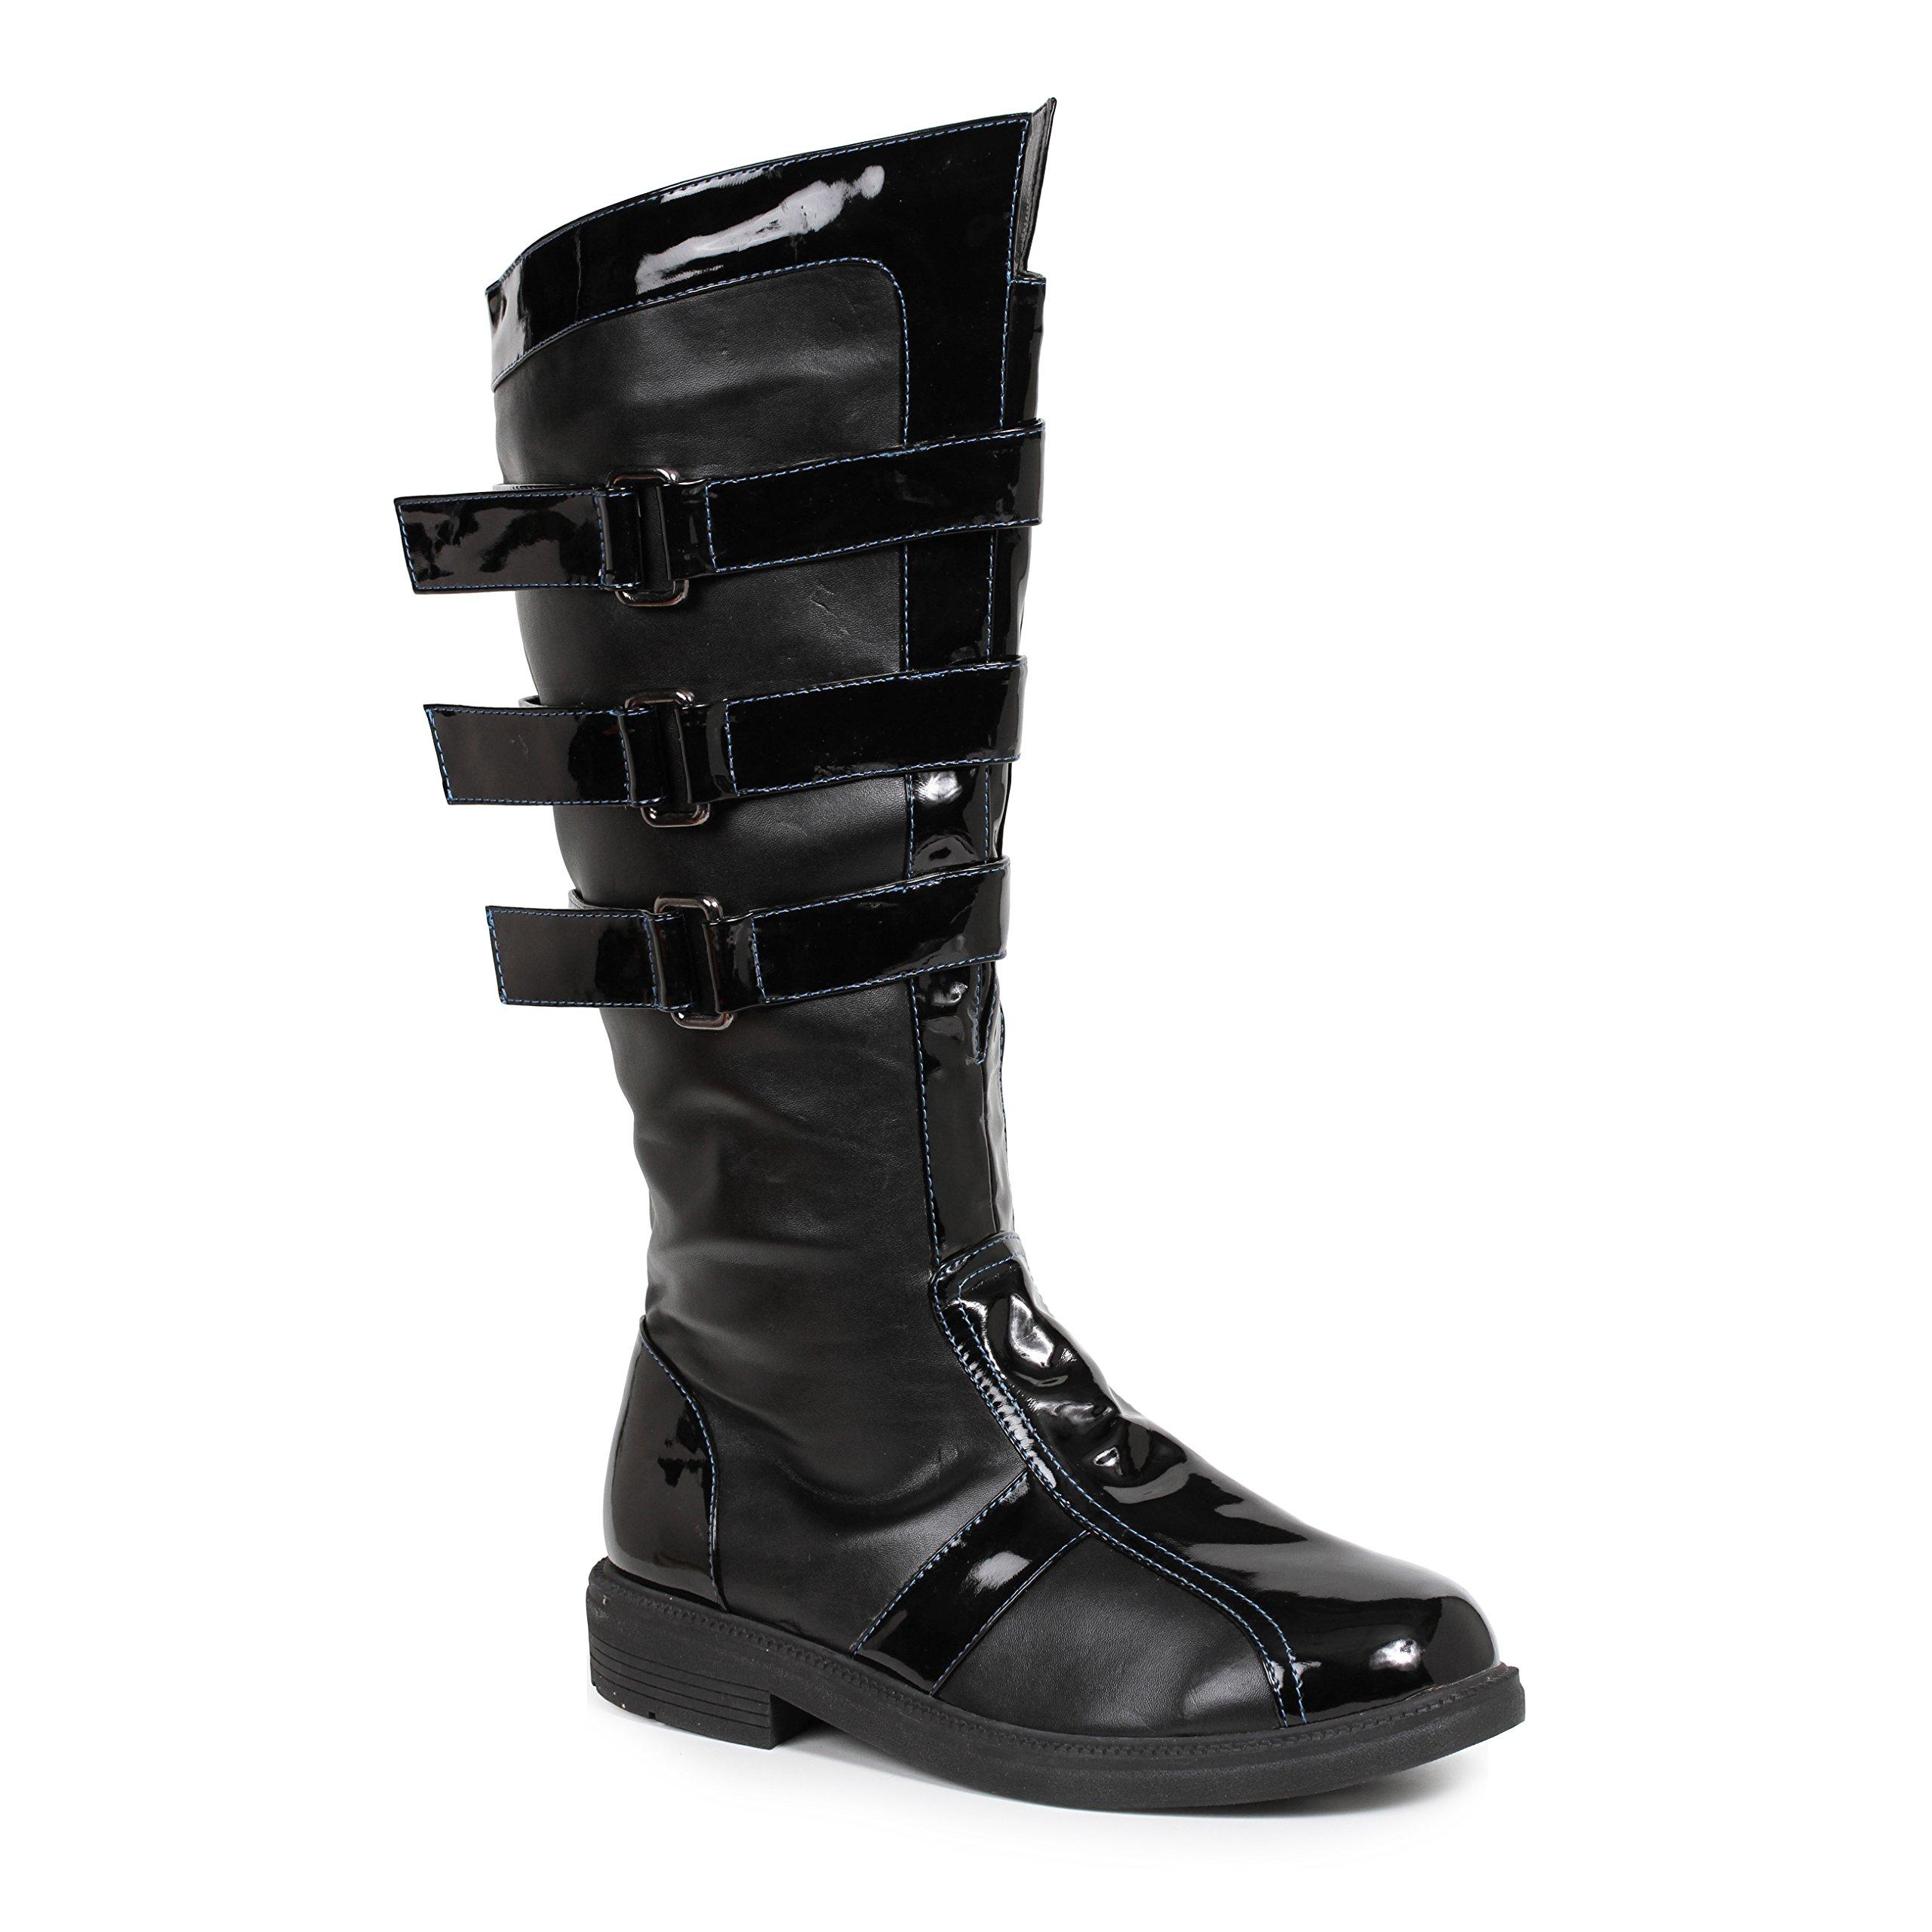 Ellie Shoes Men's 1'' Black Boot Sizes L BLK